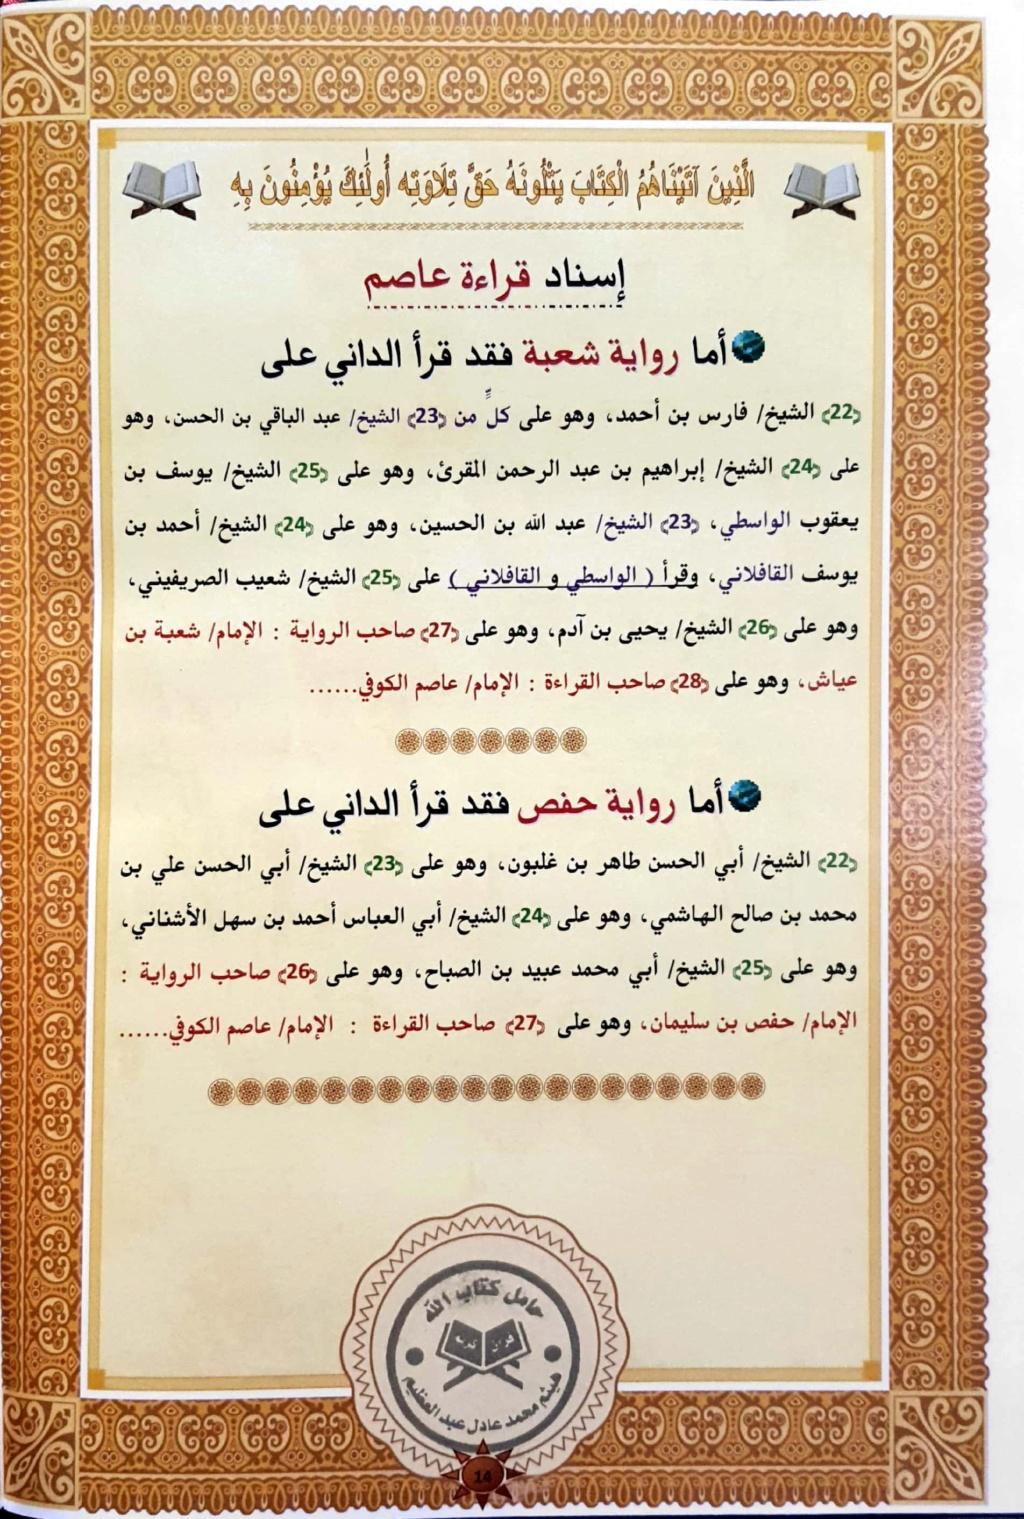 إجازة الشيخ أحمد محمد لبن بقراءة الإمام عاصم  Aeo_aa28